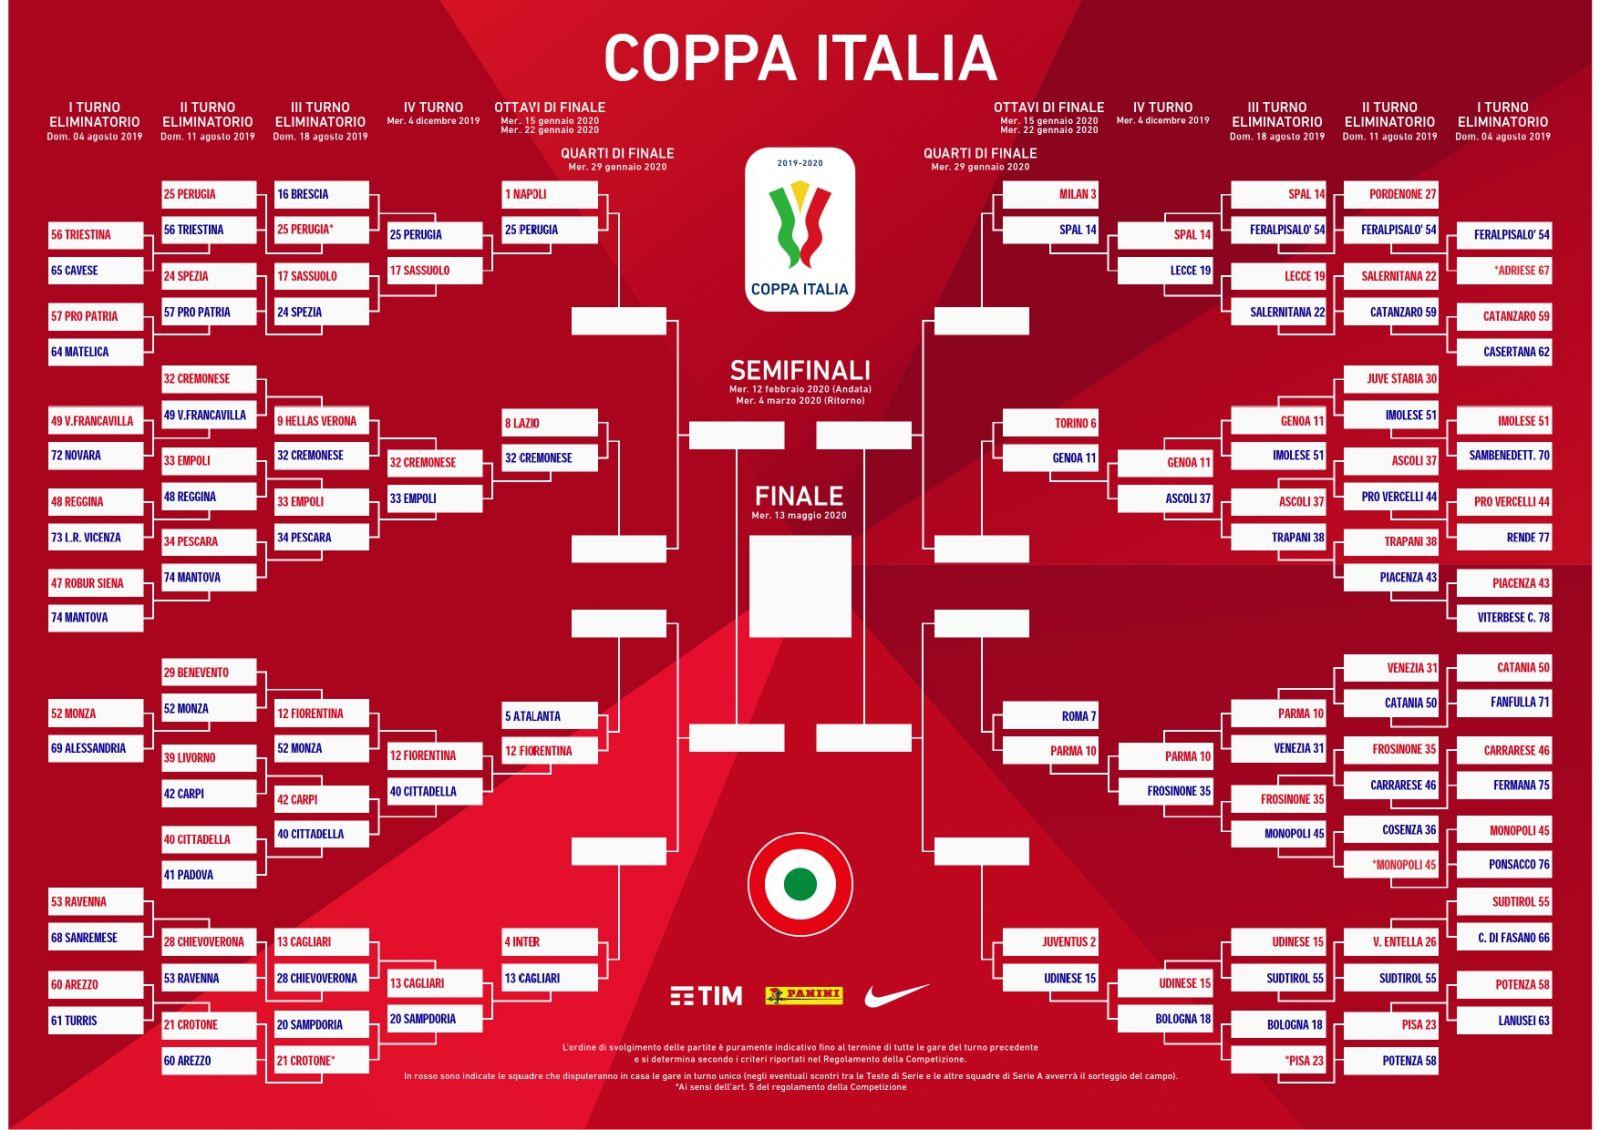 意大利杯1/4决赛赛程新鲜出炉,那不勒斯将迎战拉齐奥